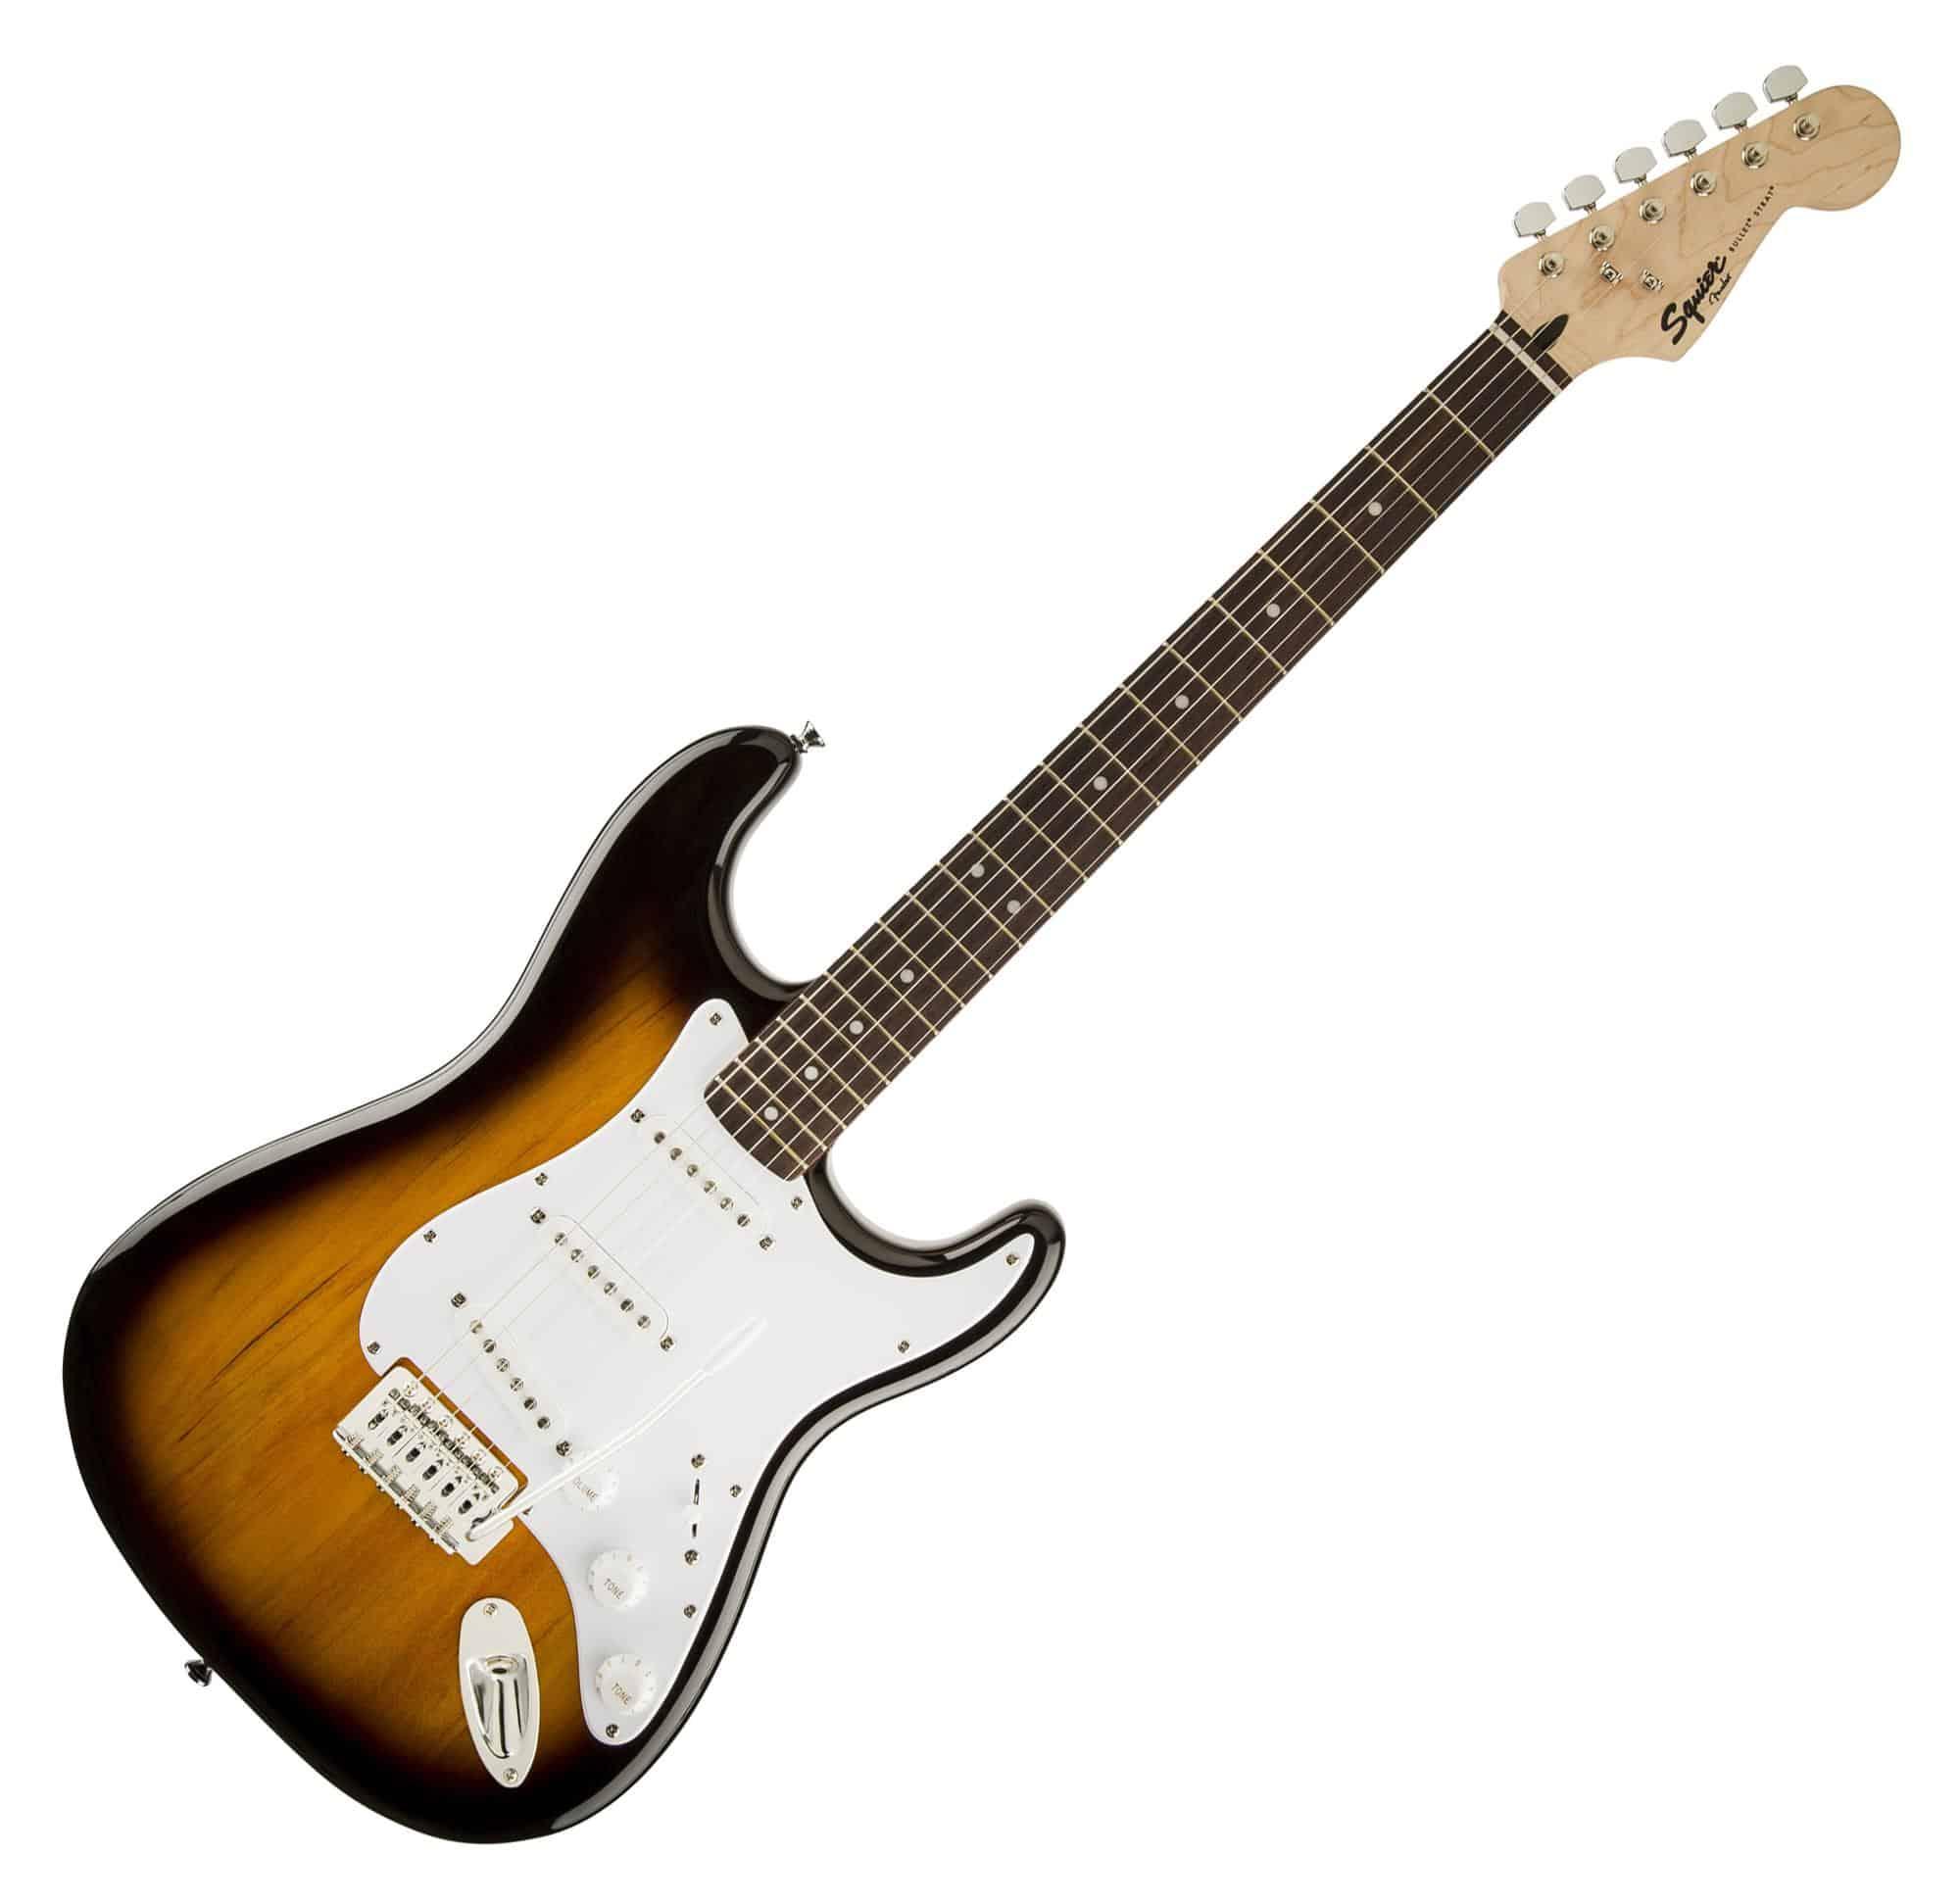 Egitarren - Fender Squier Bullet Strat IL BSB - Onlineshop Musikhaus Kirstein